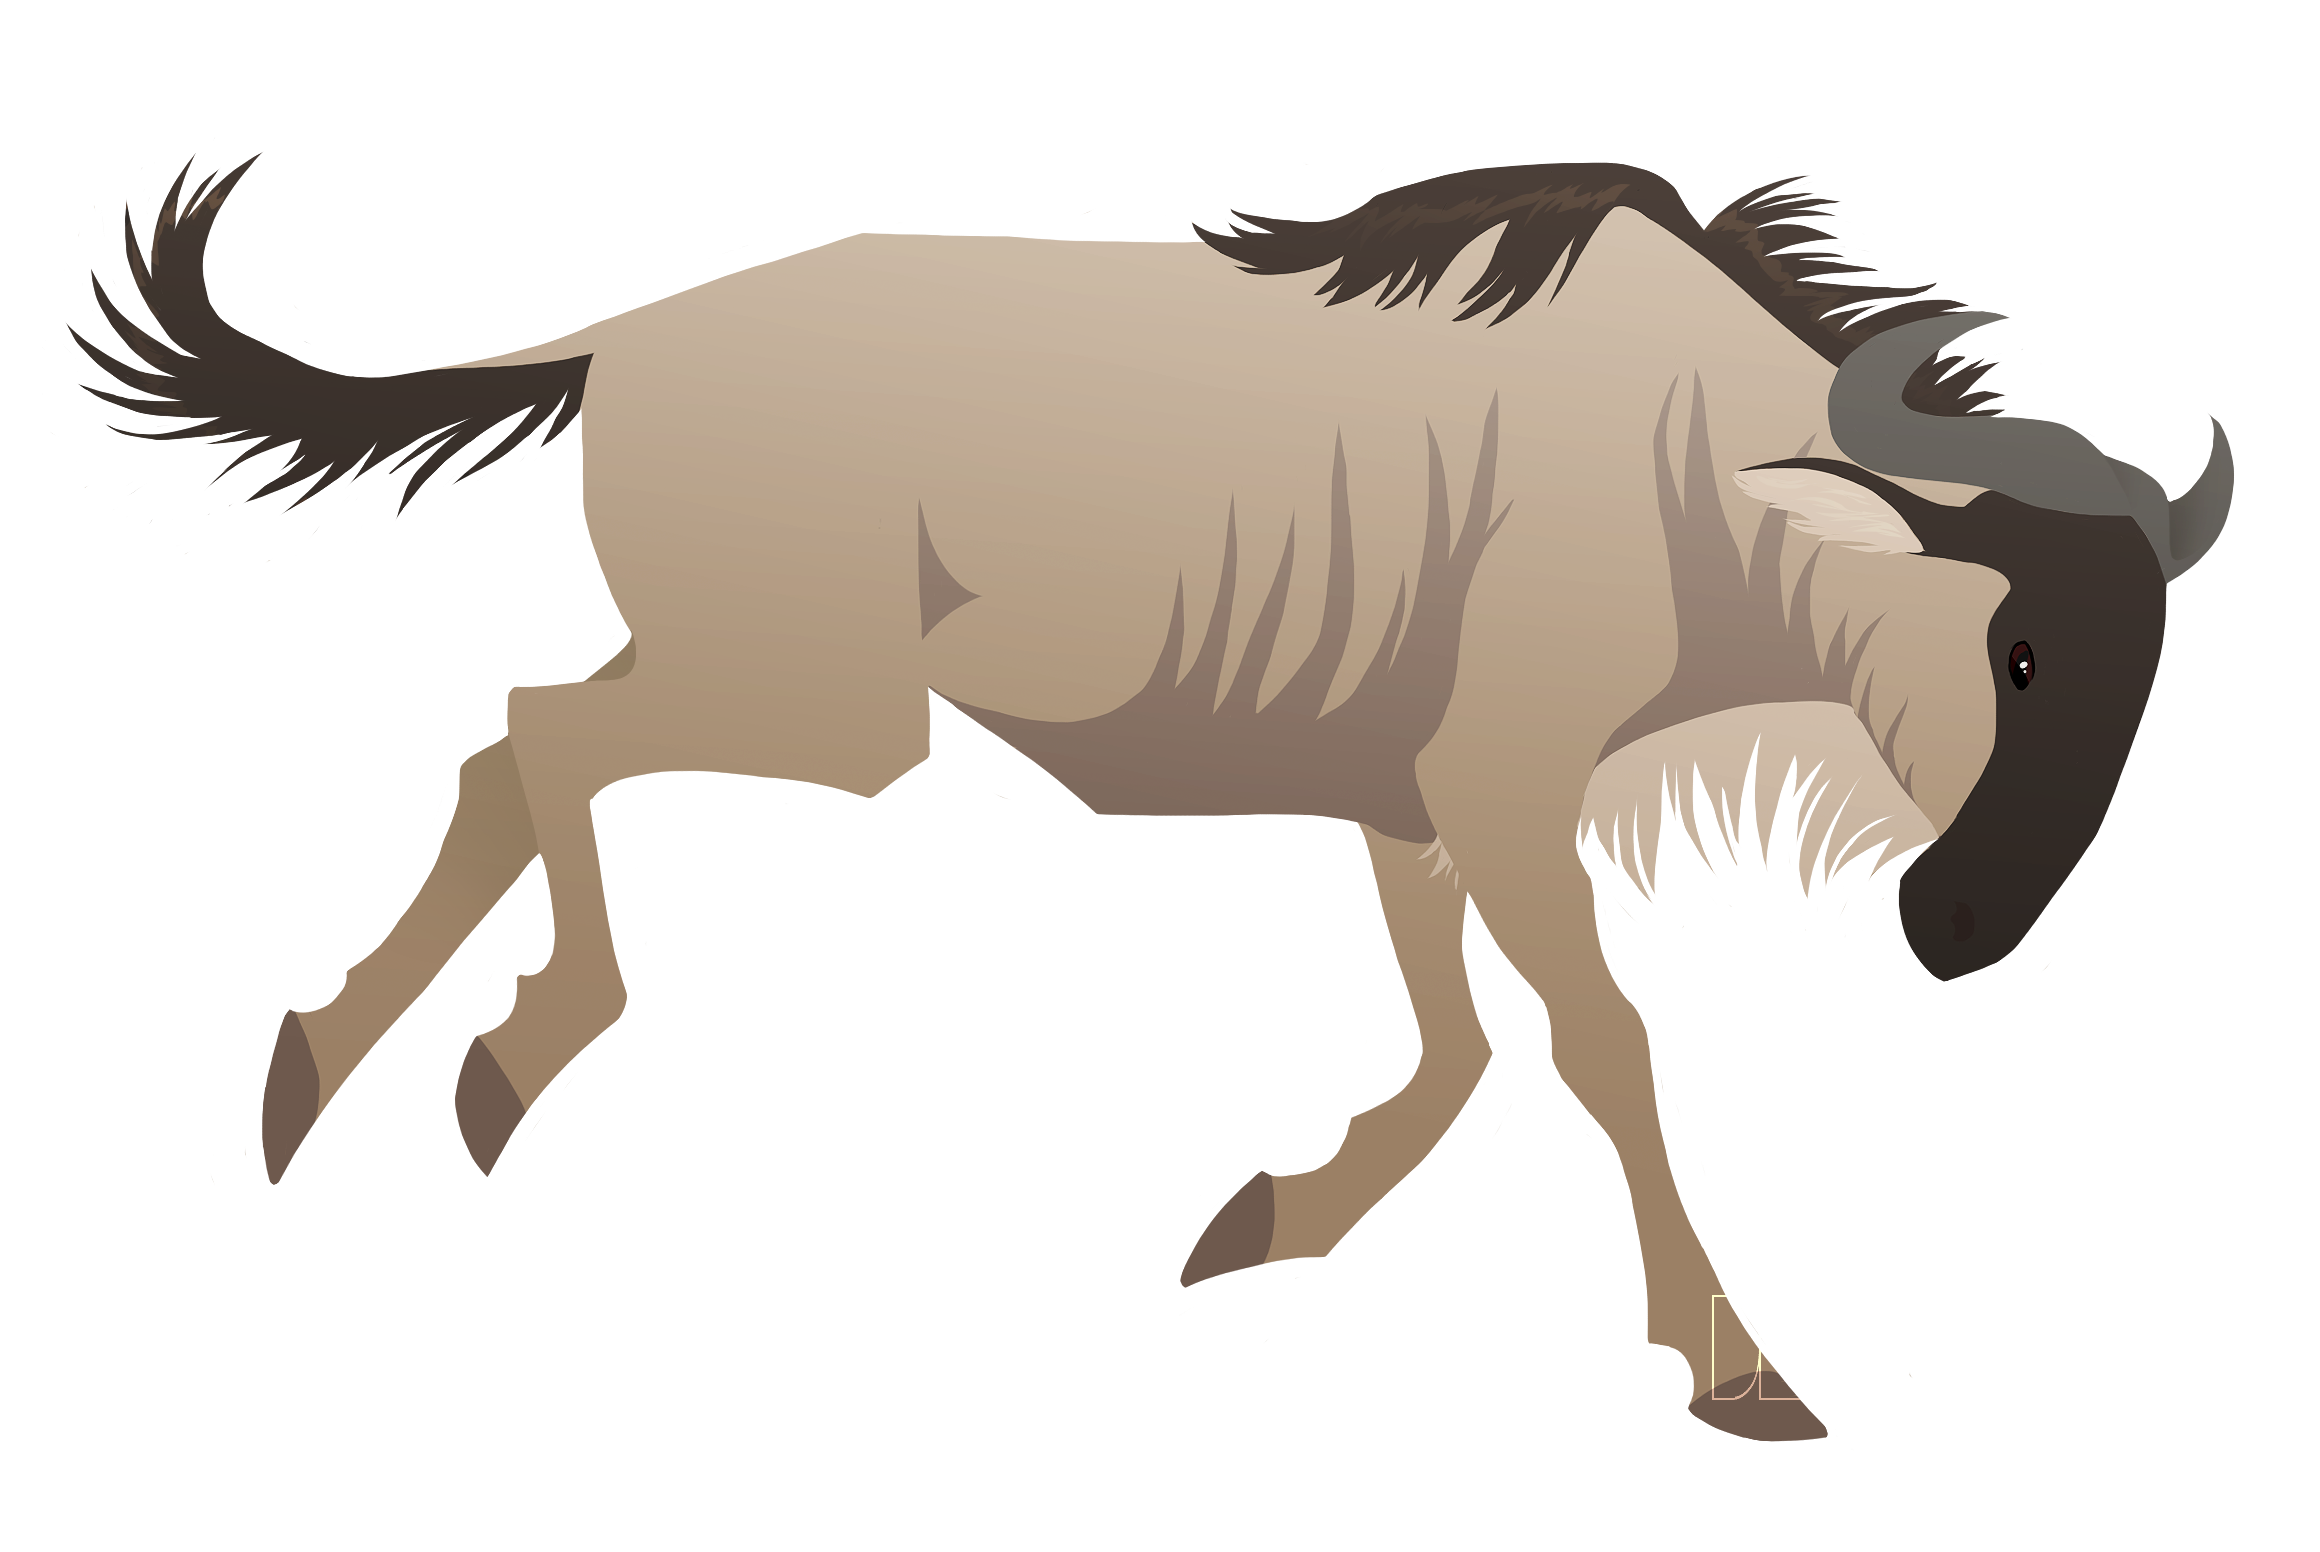 Wildebeest Clipart.